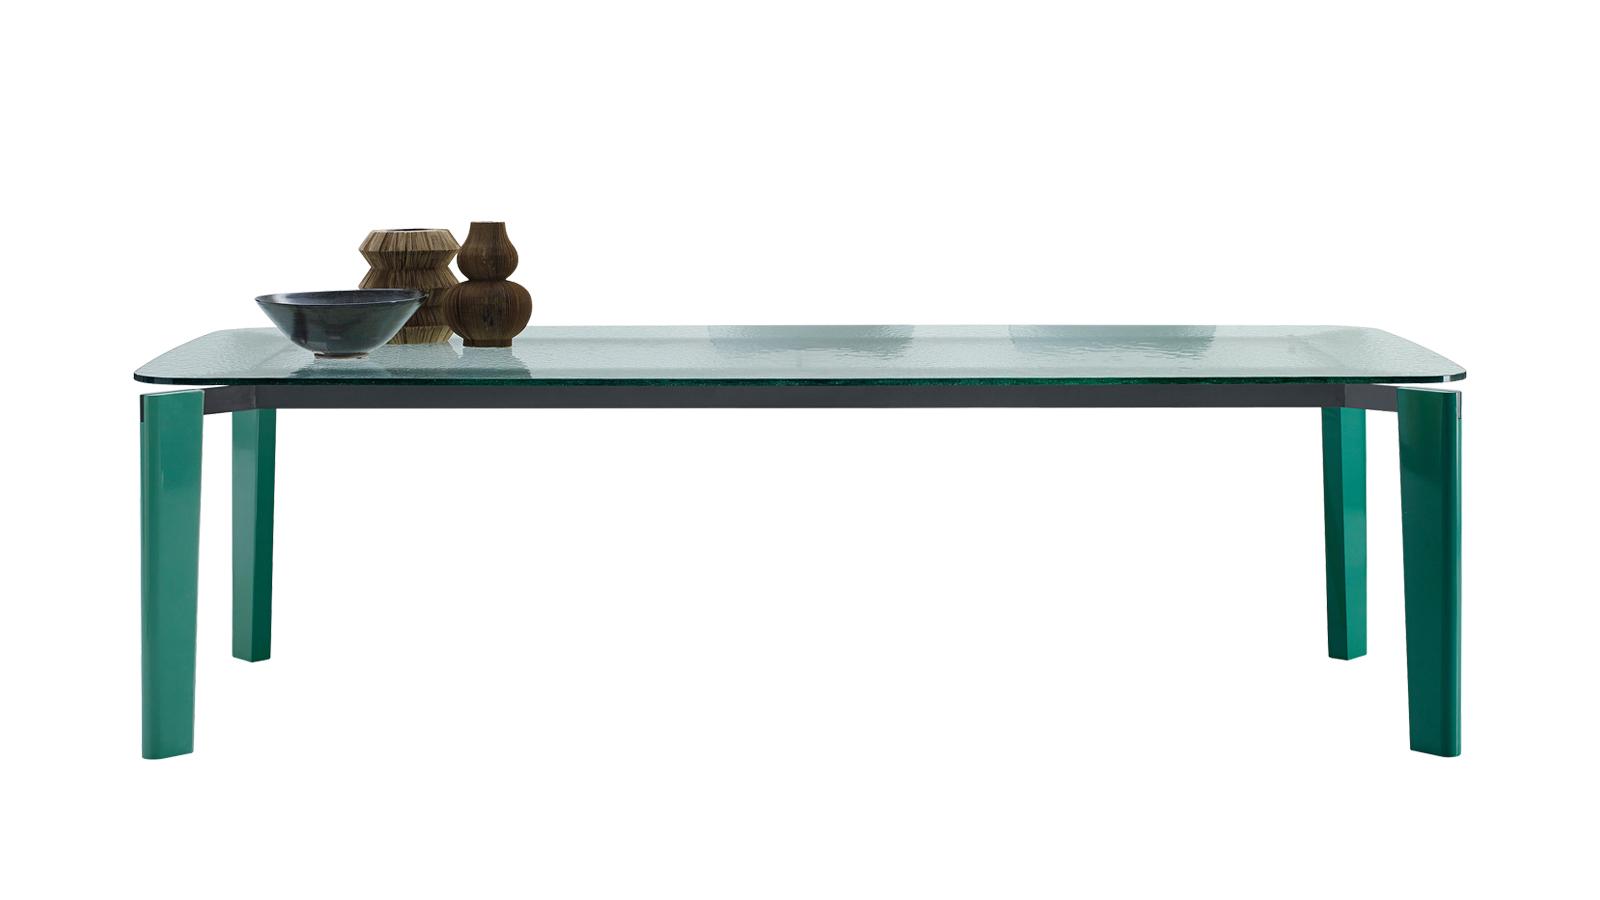 Az Oskar asztal az, ahogyan egy építész látja a bútorokat. Ez a remekmű ugyanis a belga építész, Vincent Van Duysen fejéből pattant ki, hogy a modern építészet érzékiségét és kifejező erejét egyetlen asztalban képes legyen megjeleníteni. Legegyedibb részlete a katedrálüvegből készült asztallap, melyet egy, csak a gyártó, a B&B Italiánál kifejlesztett speciális eljárással készítenek. A felület finom tapintása és az elemek harmonikus aránya teszi az Oskart korszakalkotó asztallá, mely az Ön étkezőjéből sem hiányozhat.